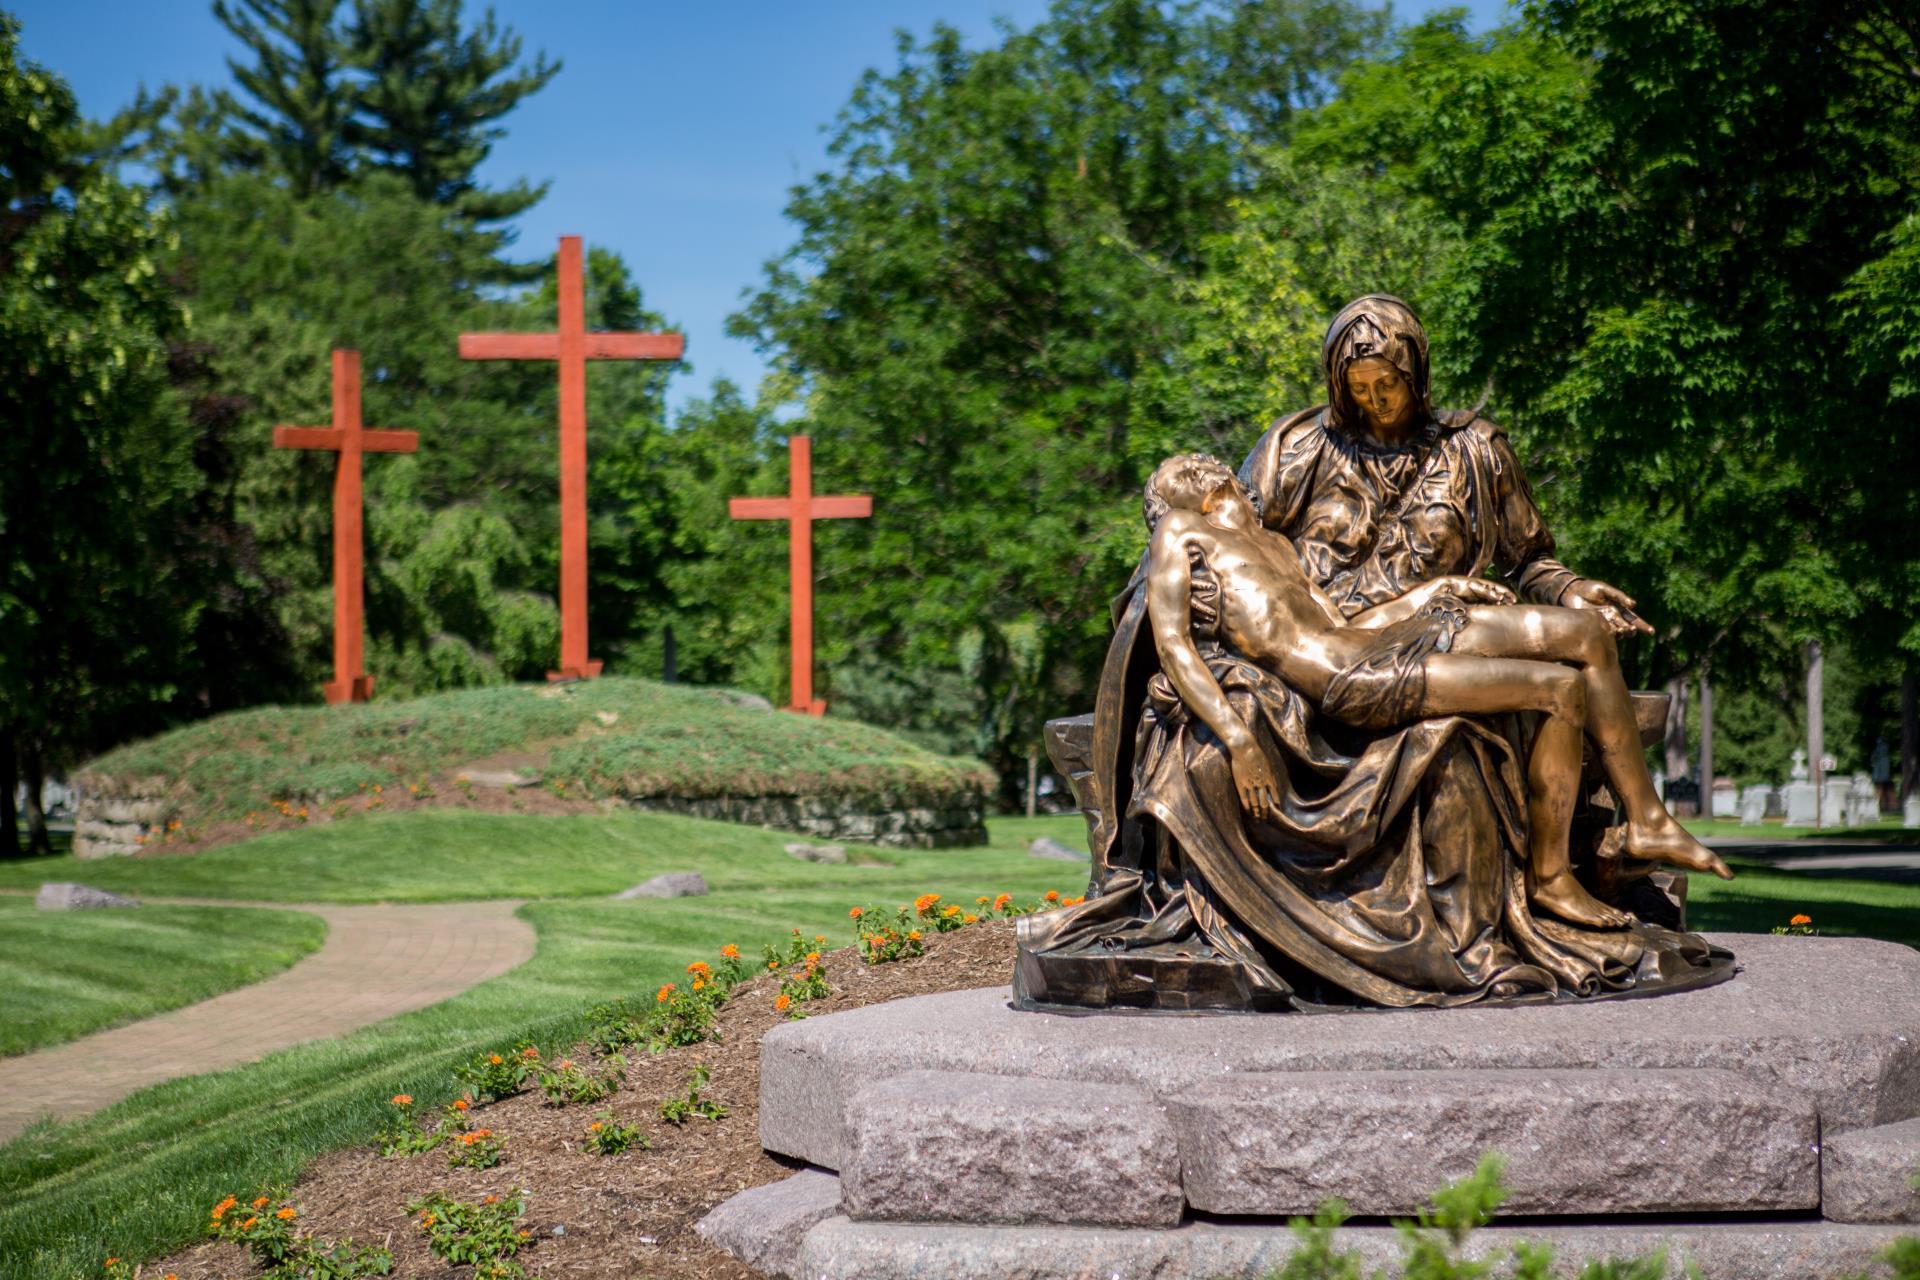 Pieta monument